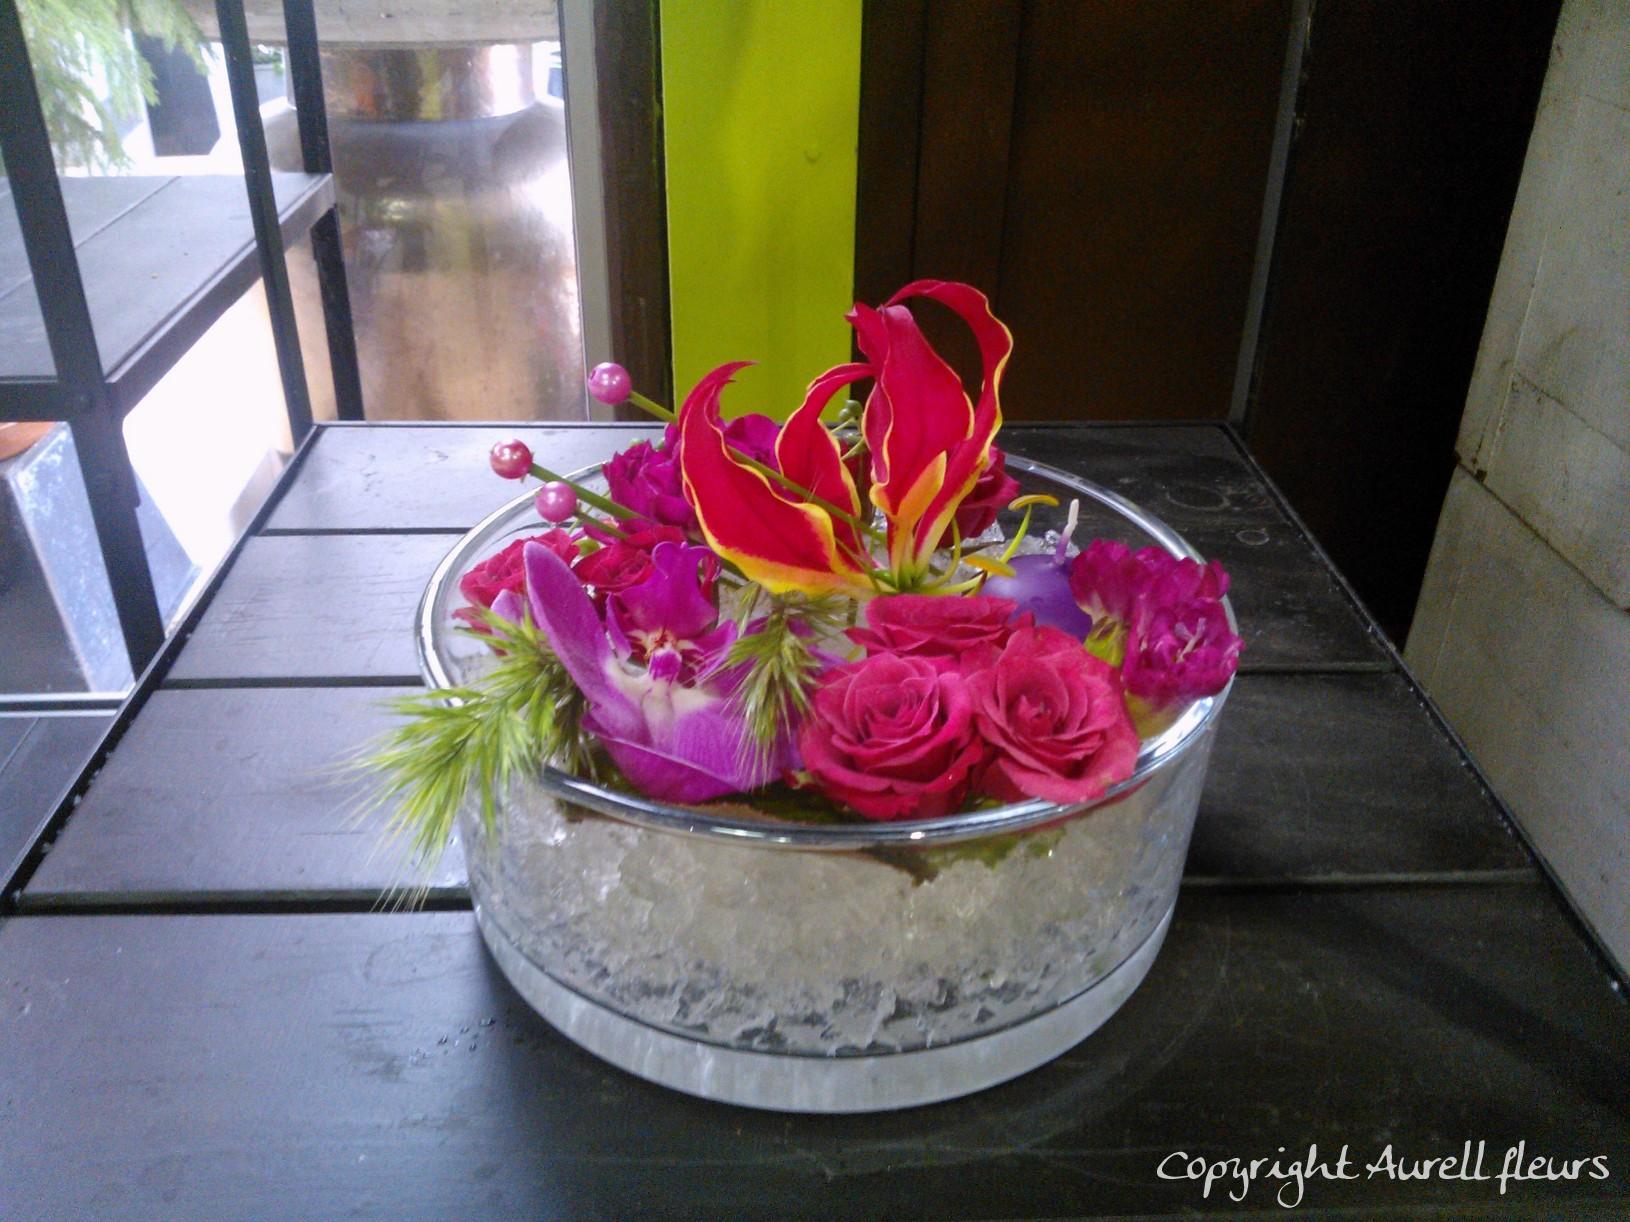 Fleuriste créatif (fleur 04 ) à Saint-Jean-de-Braye | Aurell fleurs